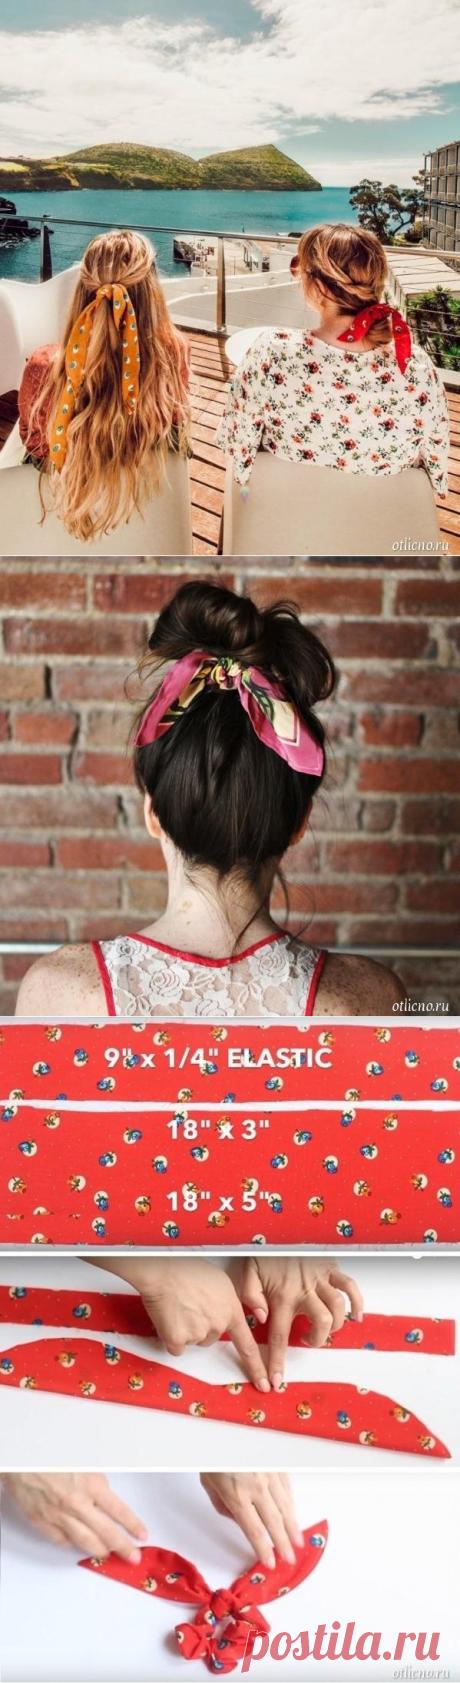 Модный аксессуар лета: резинка-повязка на волосы — Отлично! Школа моды, декора и актуального рукоделия